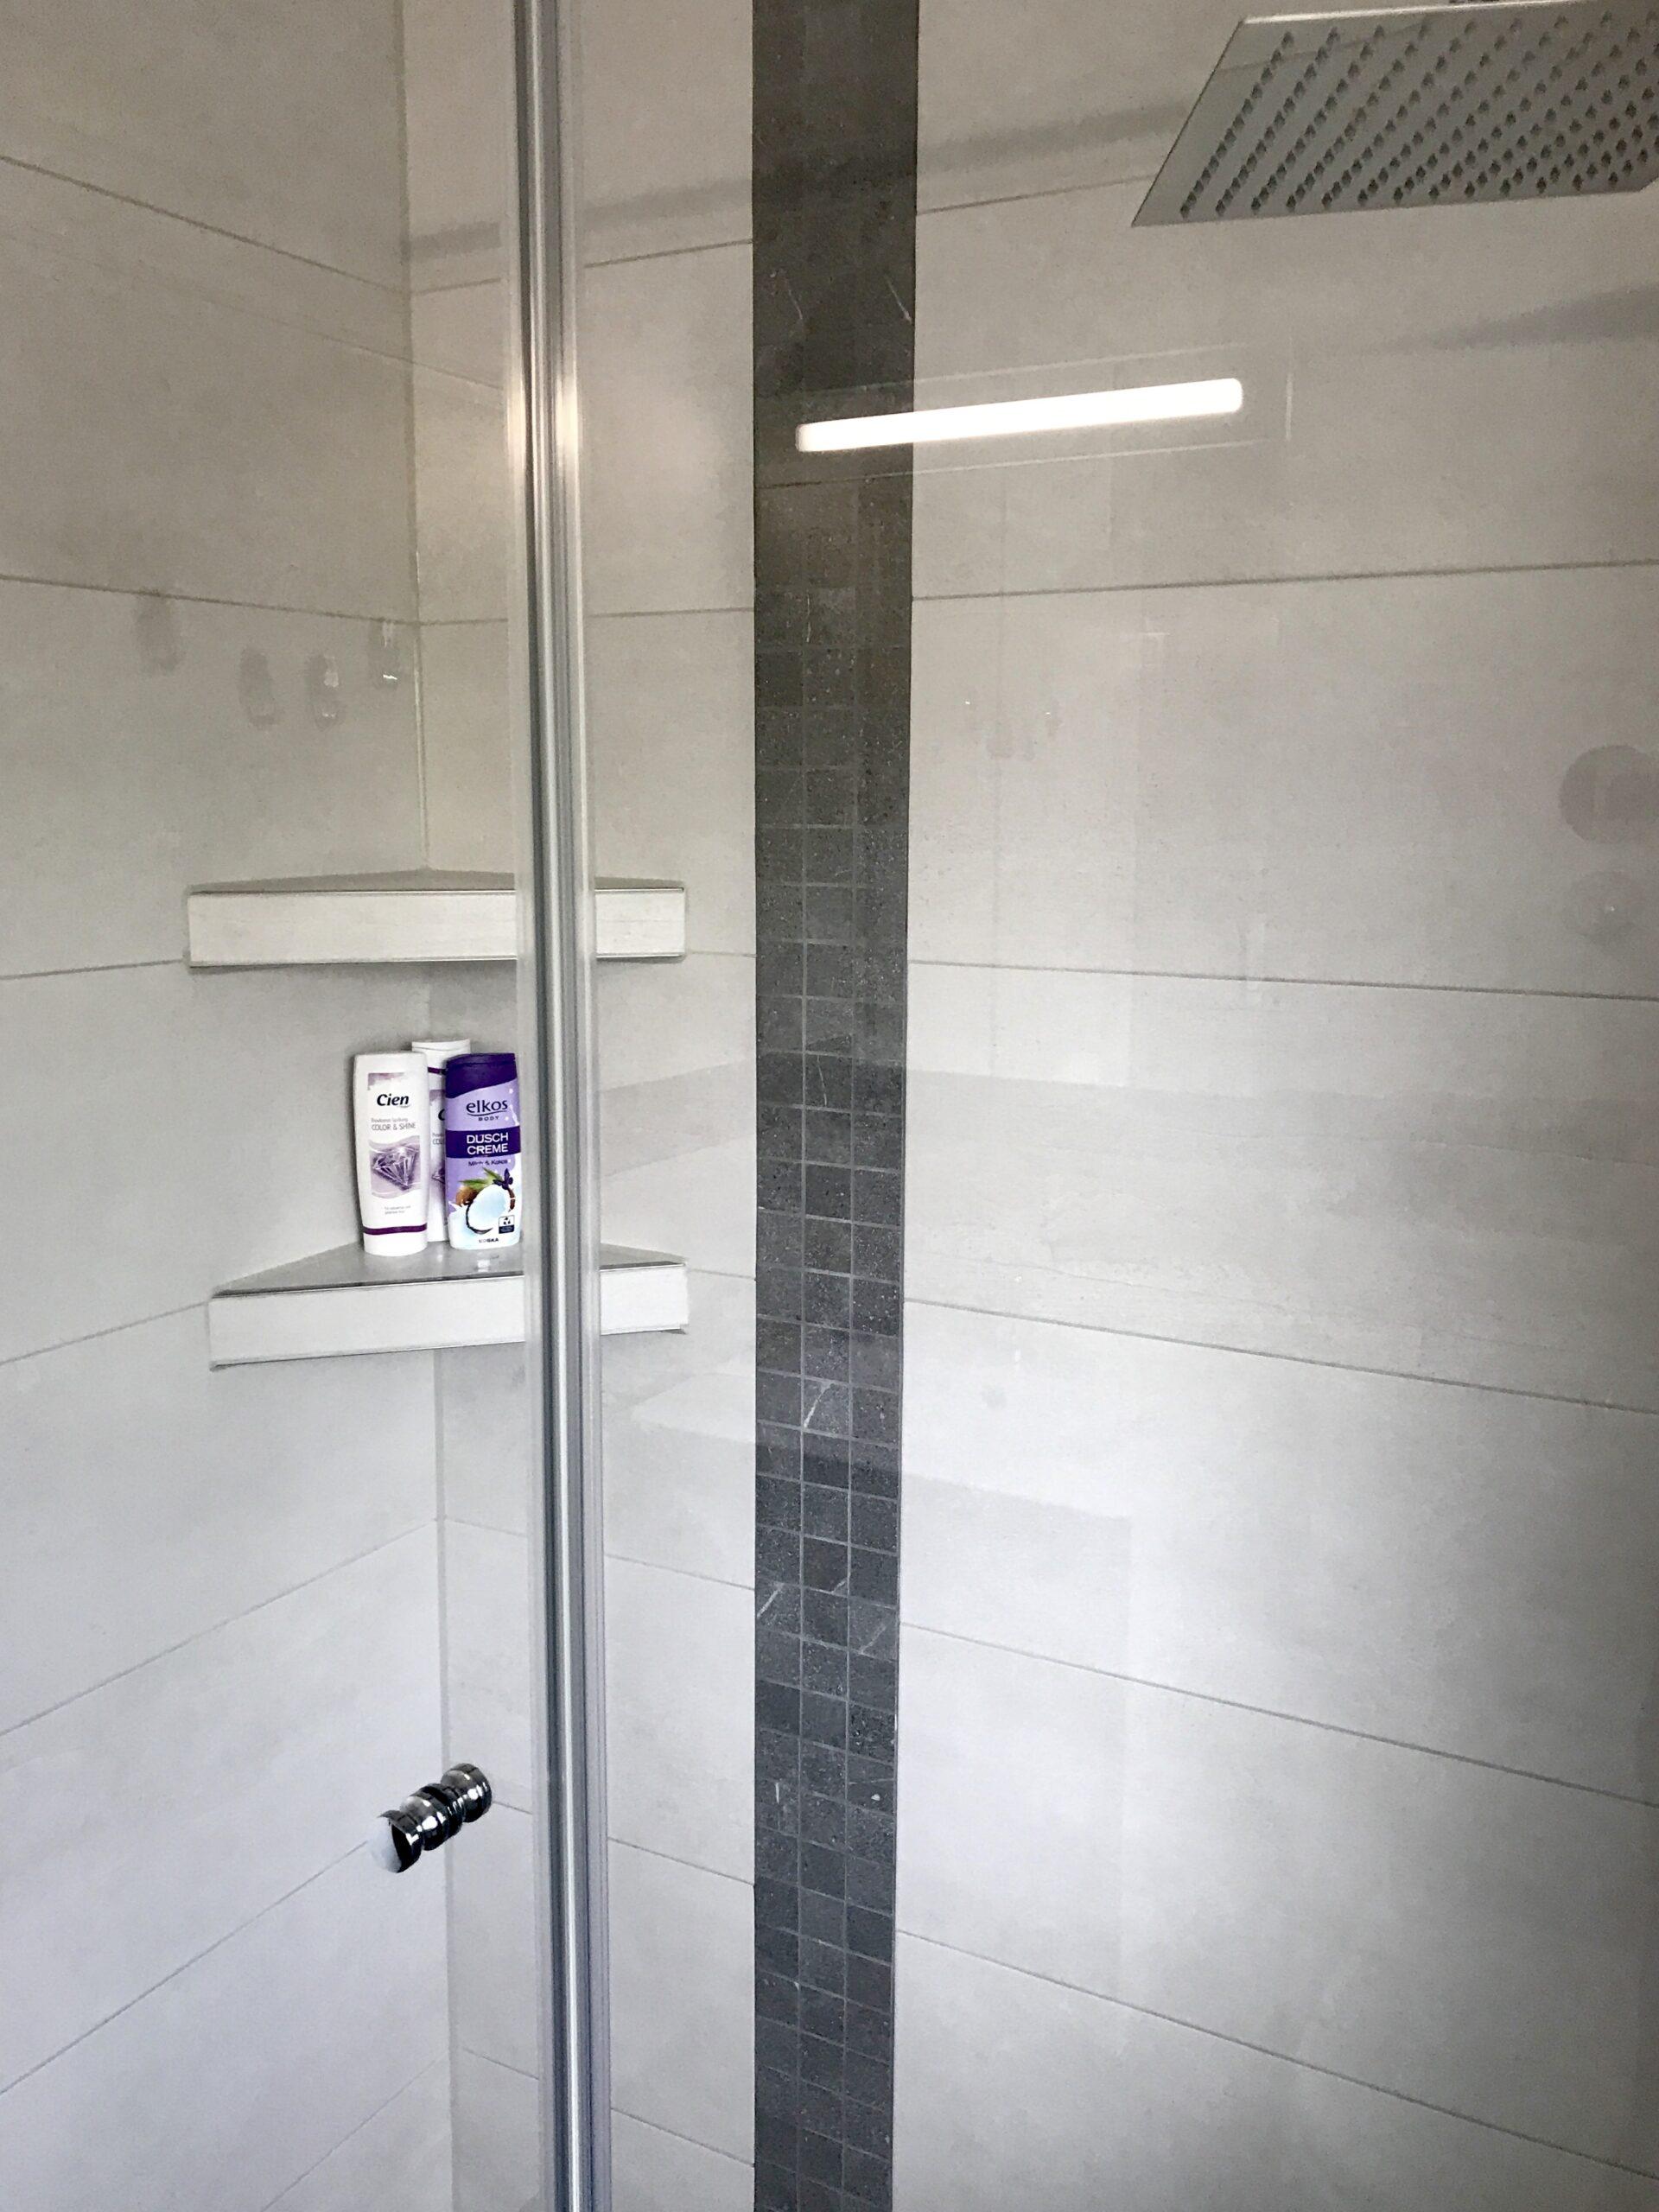 Full Size of Inspirationen Neumann Gmbh Mnchen Haustechnik Fliesen Dusche Nischentür Bodengleiche Einbauen Glaswand Begehbare Duschen Antirutschmatte Für 80x80 Dusche Rainshower Dusche